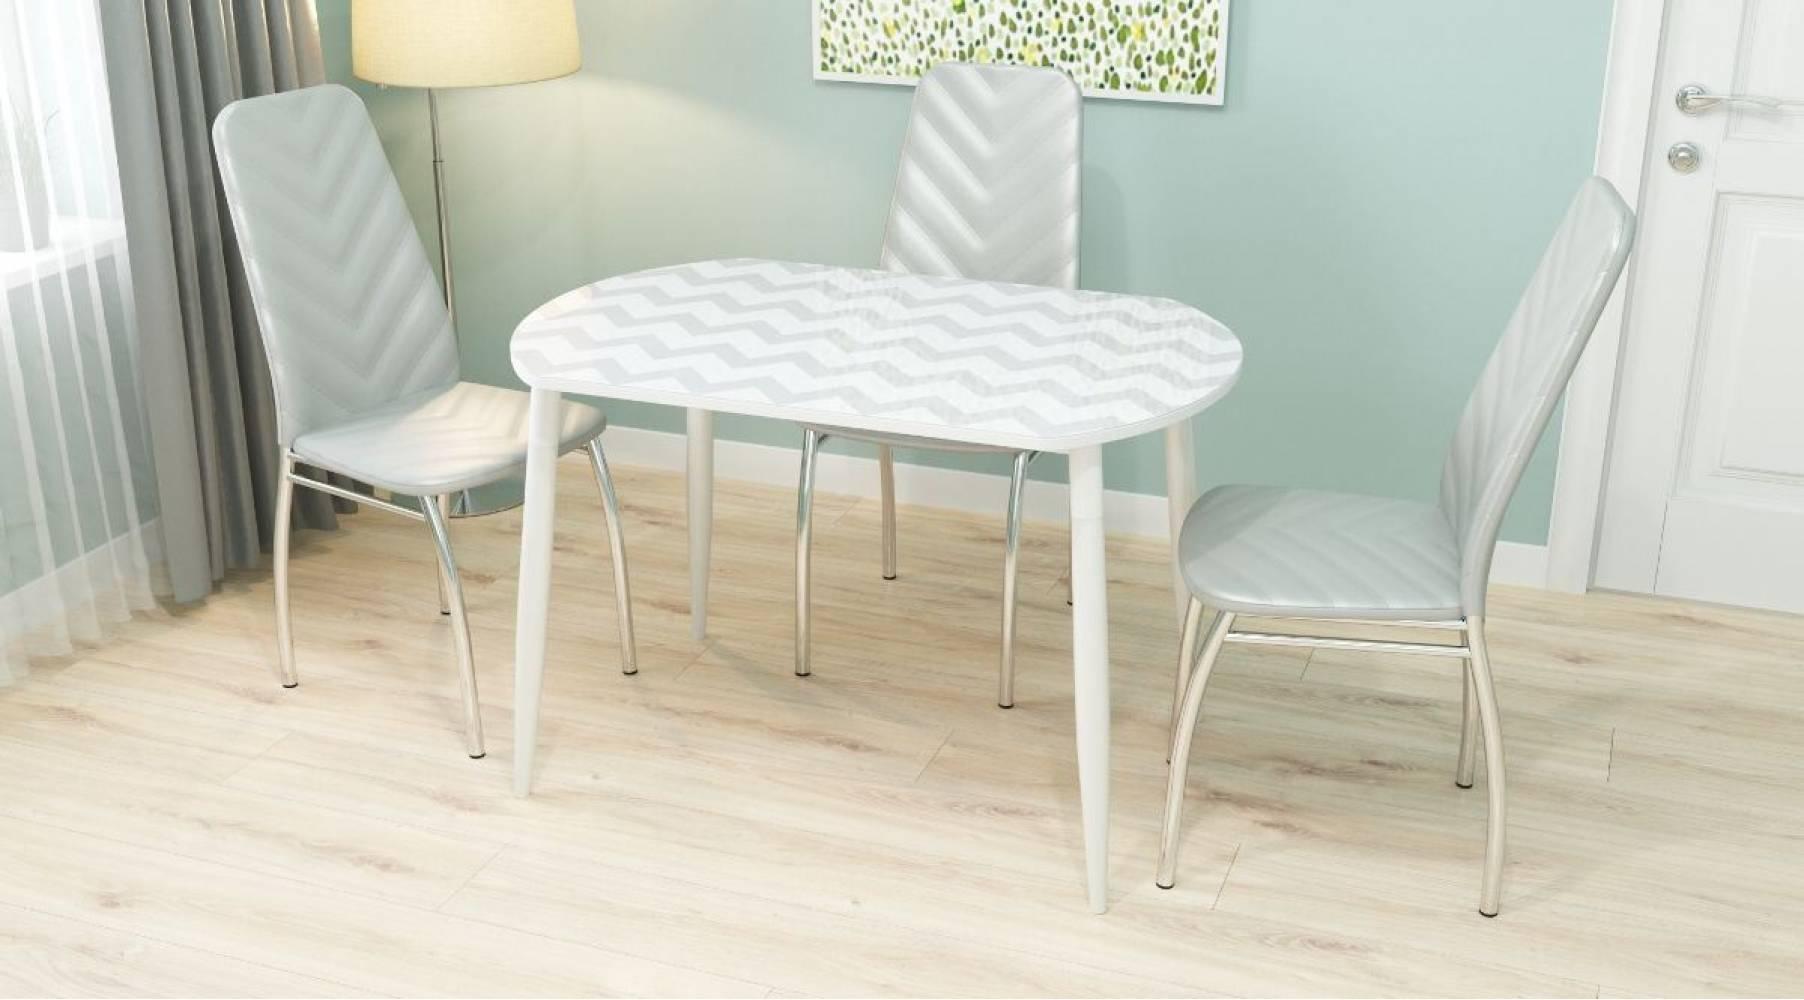 Стол обеденный Ева белый стол-ца пластик